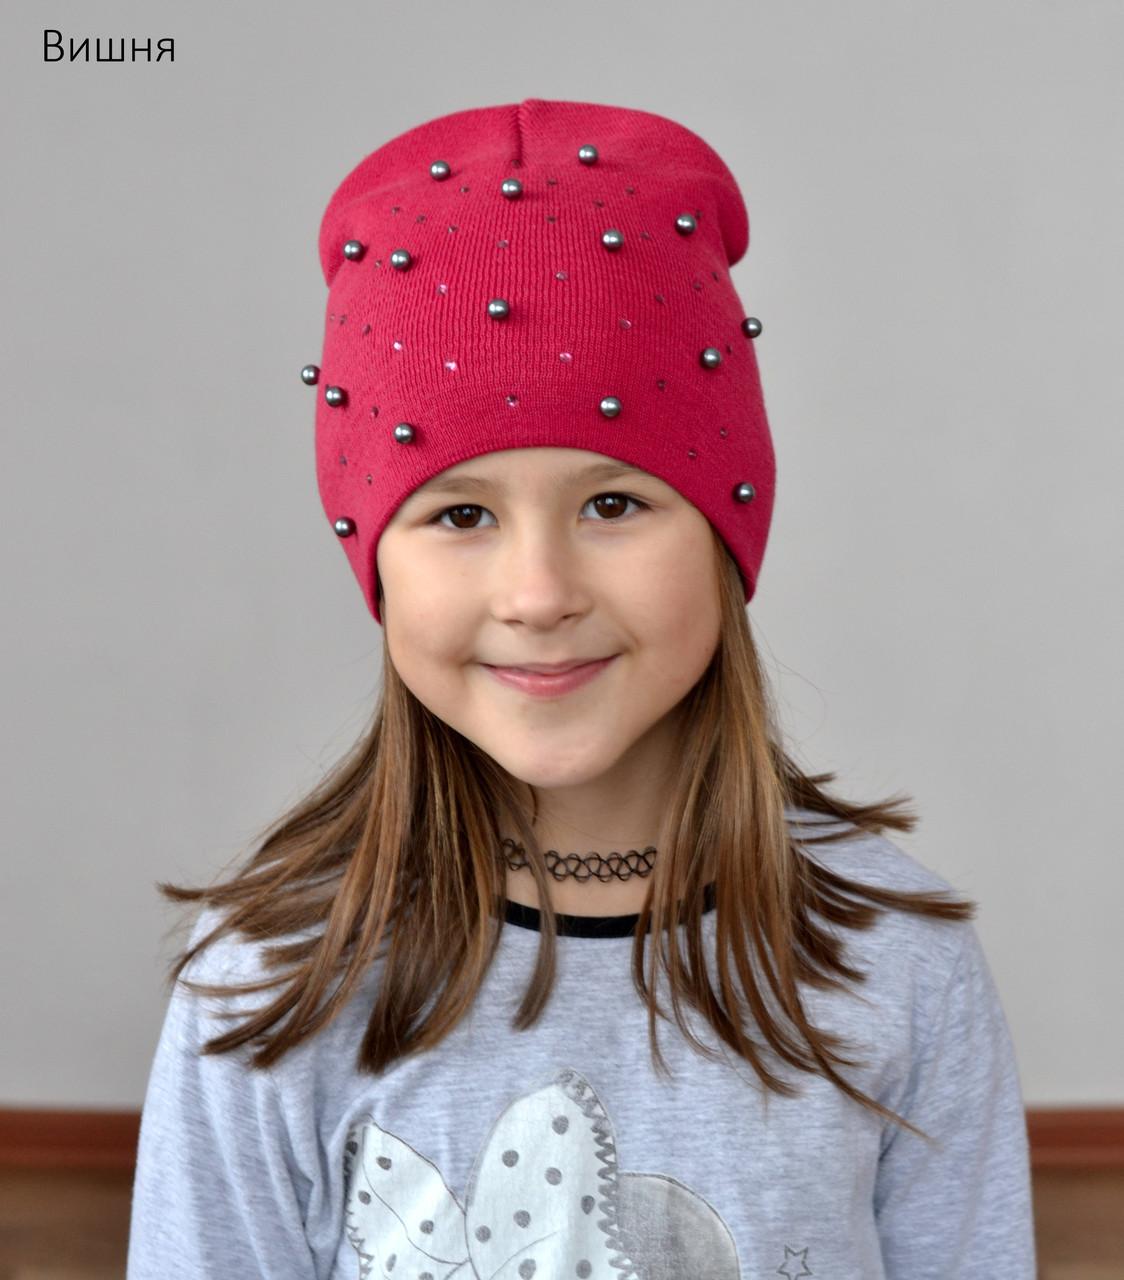 Стильная весенняя шапка для девочек Жемчуг